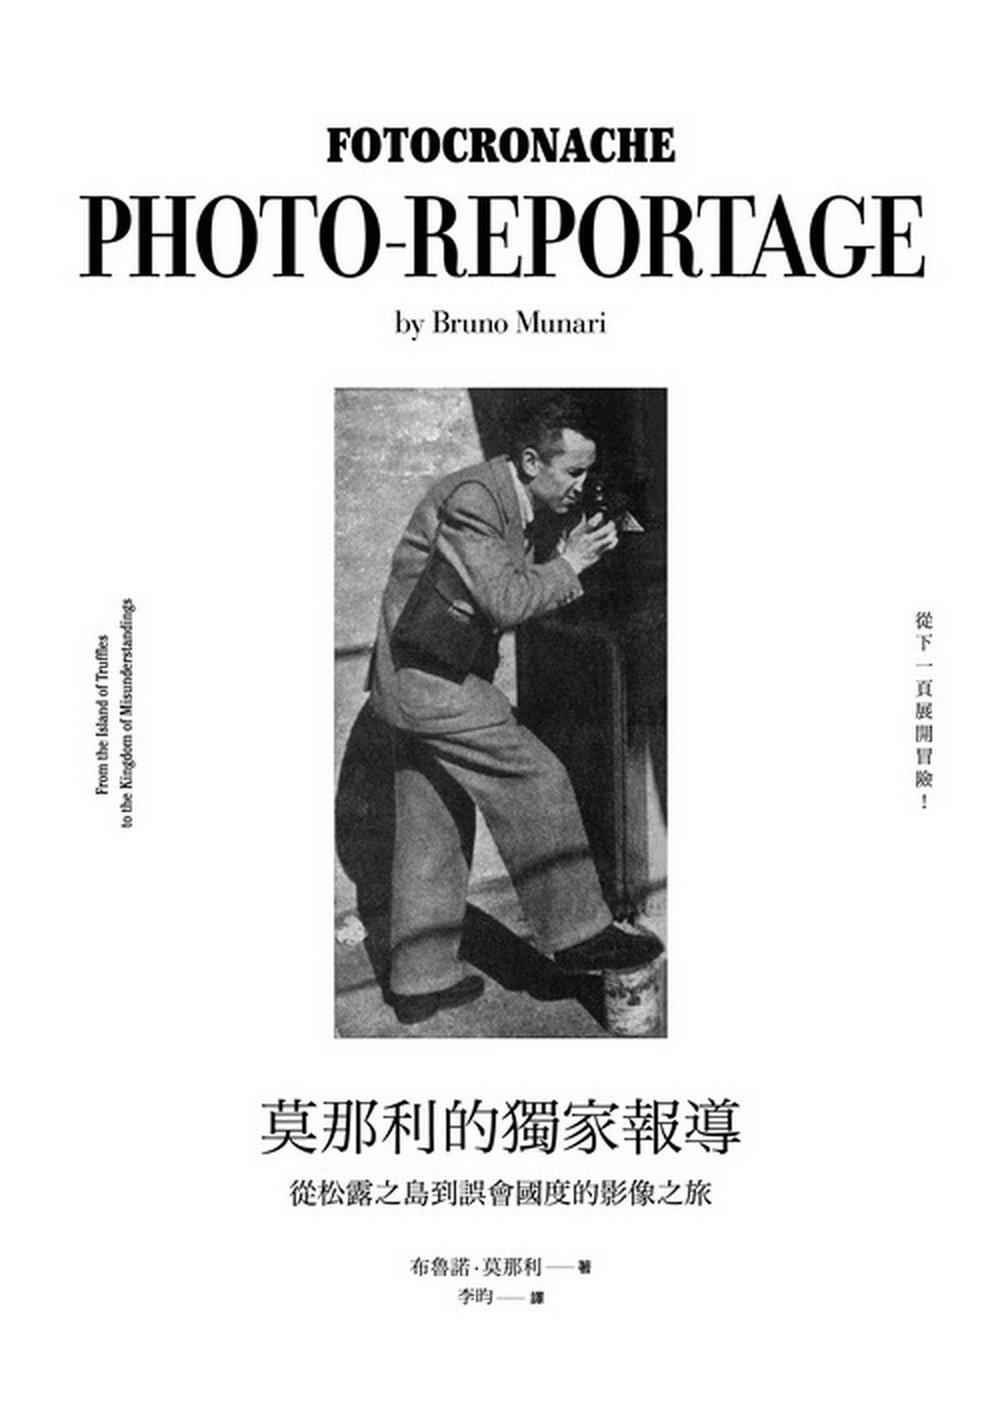 莫那利的獨家報導:FOTOCRONACHE